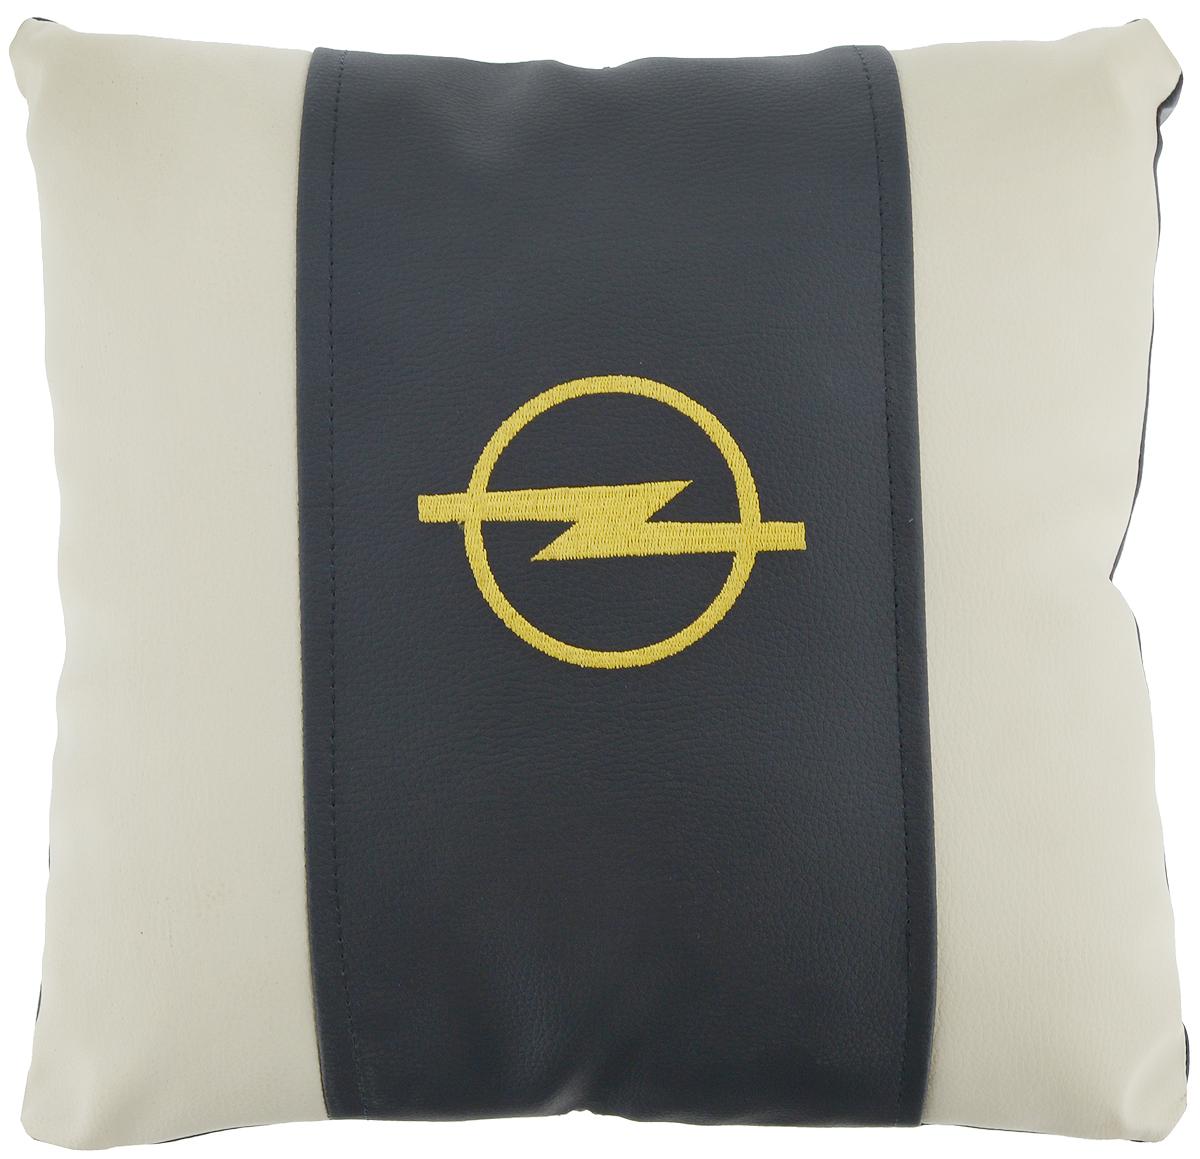 Подушка на сиденье Autoparts Opel, 30 х 30 смМ050Подушка на сиденье Autoparts Opel создана для тех, кто весь свой день вынужден проводить за рулем. Чехол выполнен из высококачественной дышащей экокожи. Наполнителем служит холлофайбер. На задней части подушки имеется змейка. Особенности подушки: - Хорошо проветривается. - Предупреждает потение. - Поддерживает комфортную температуру. - Обминается по форме тела. - Улучшает кровообращение. - Исключает затечные явления. - Предупреждает развитие заболеваний, связанных с сидячим образом жизни. Подушка также будет полезна и дома - при работе за компьютером, школьникам - при выполнении домашних работ, да и в любимом кресле перед телевизором.